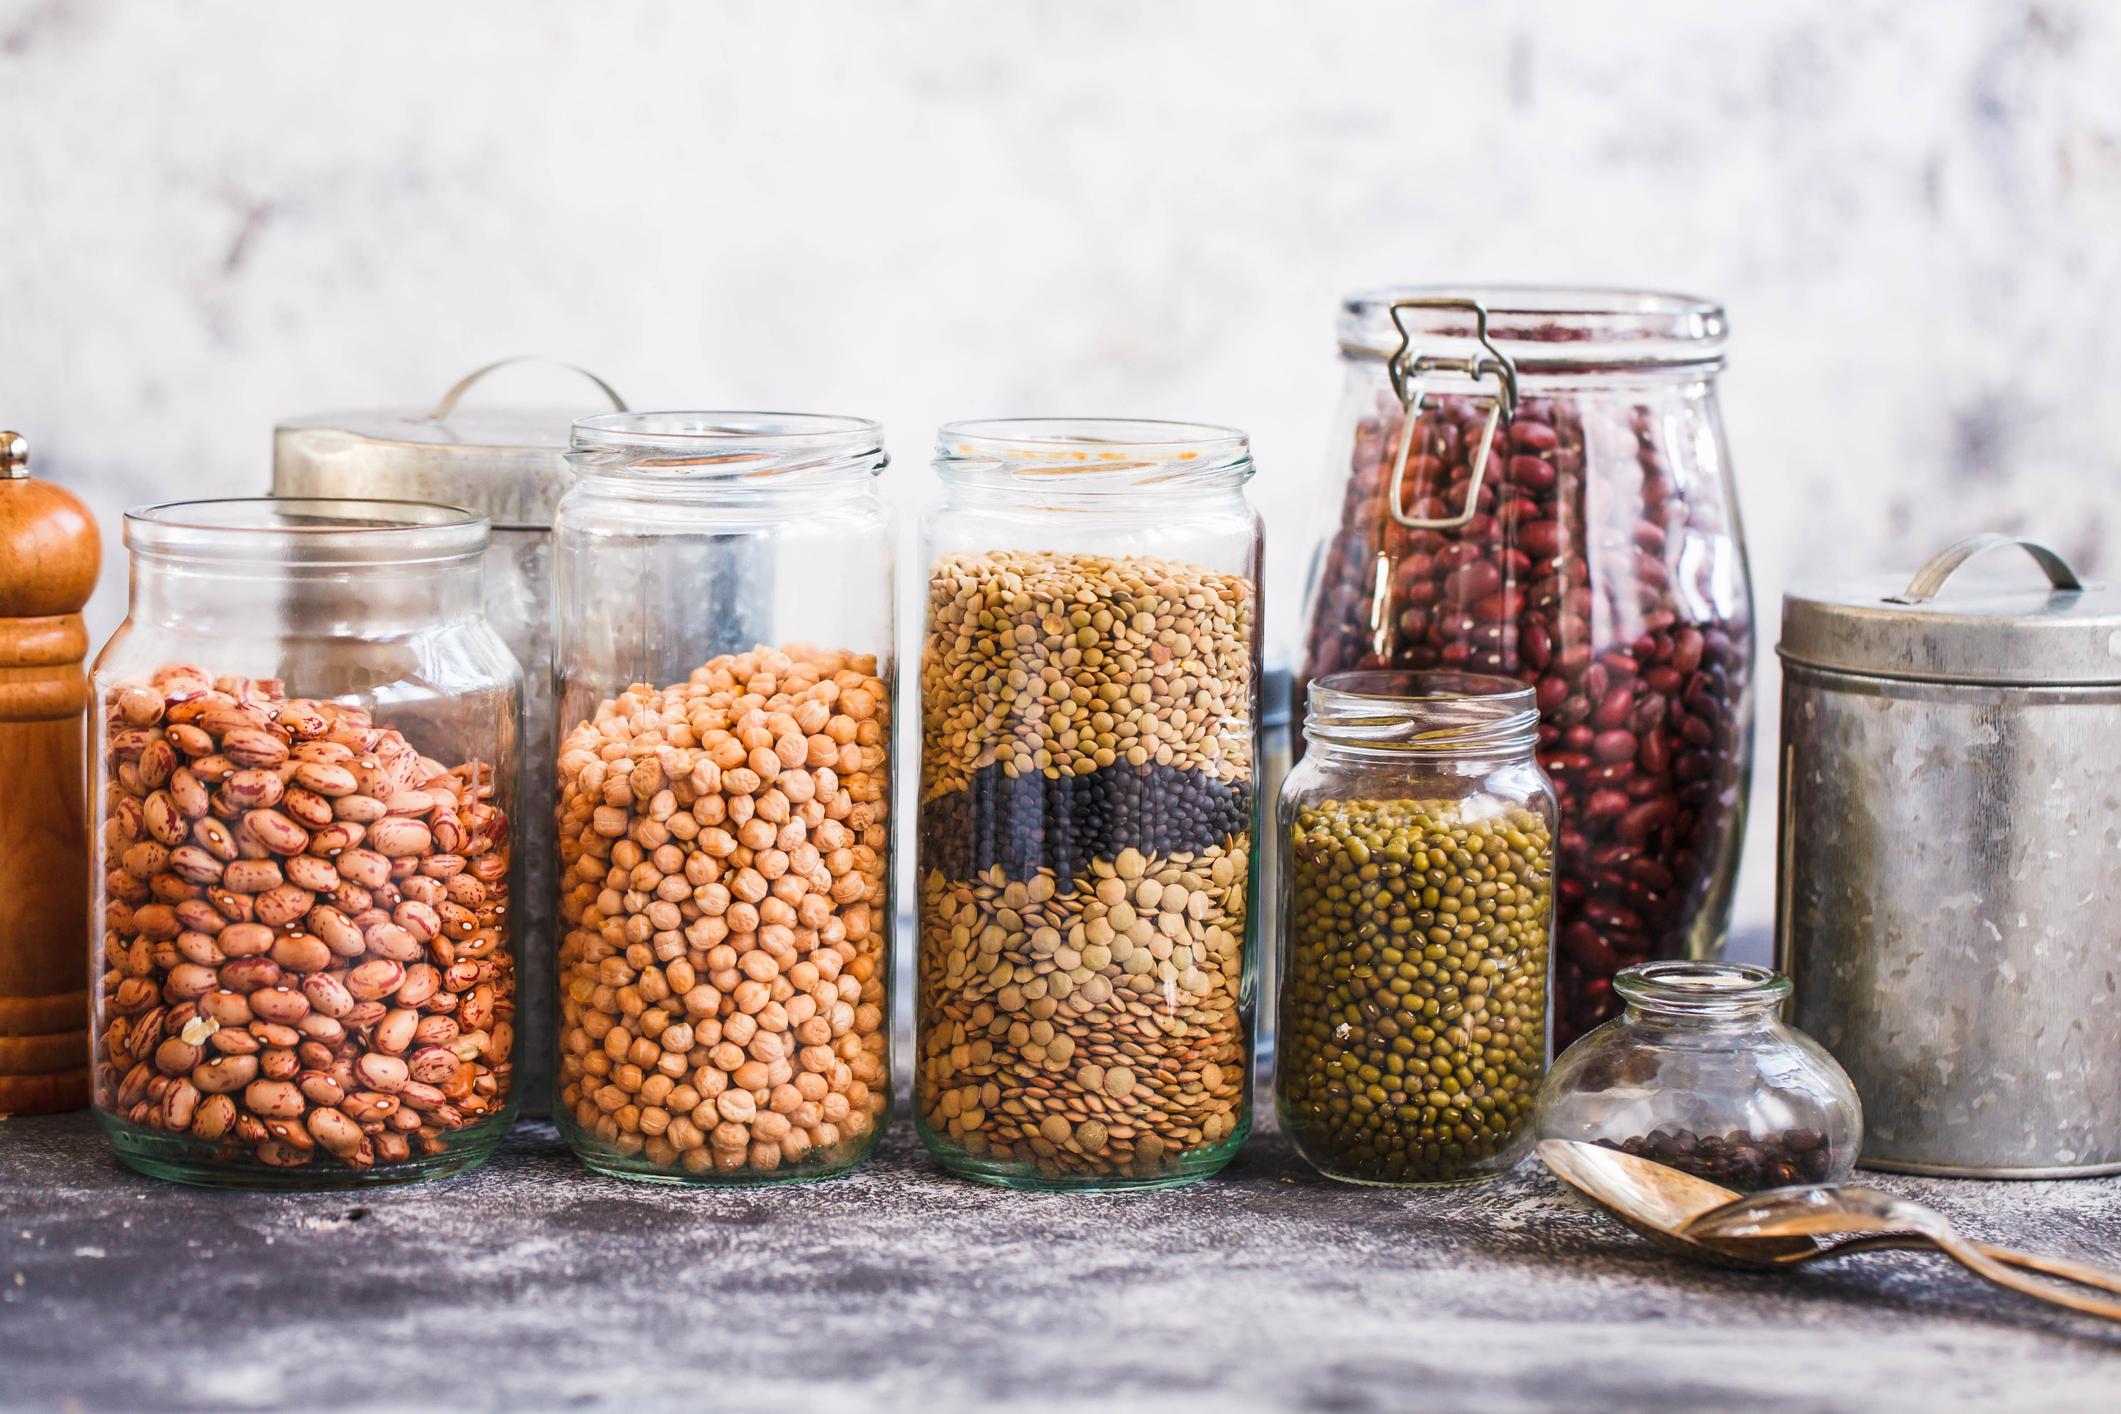 Пищевая моль: как избавиться от неё на кухне в домашних условиях, средства борьбы